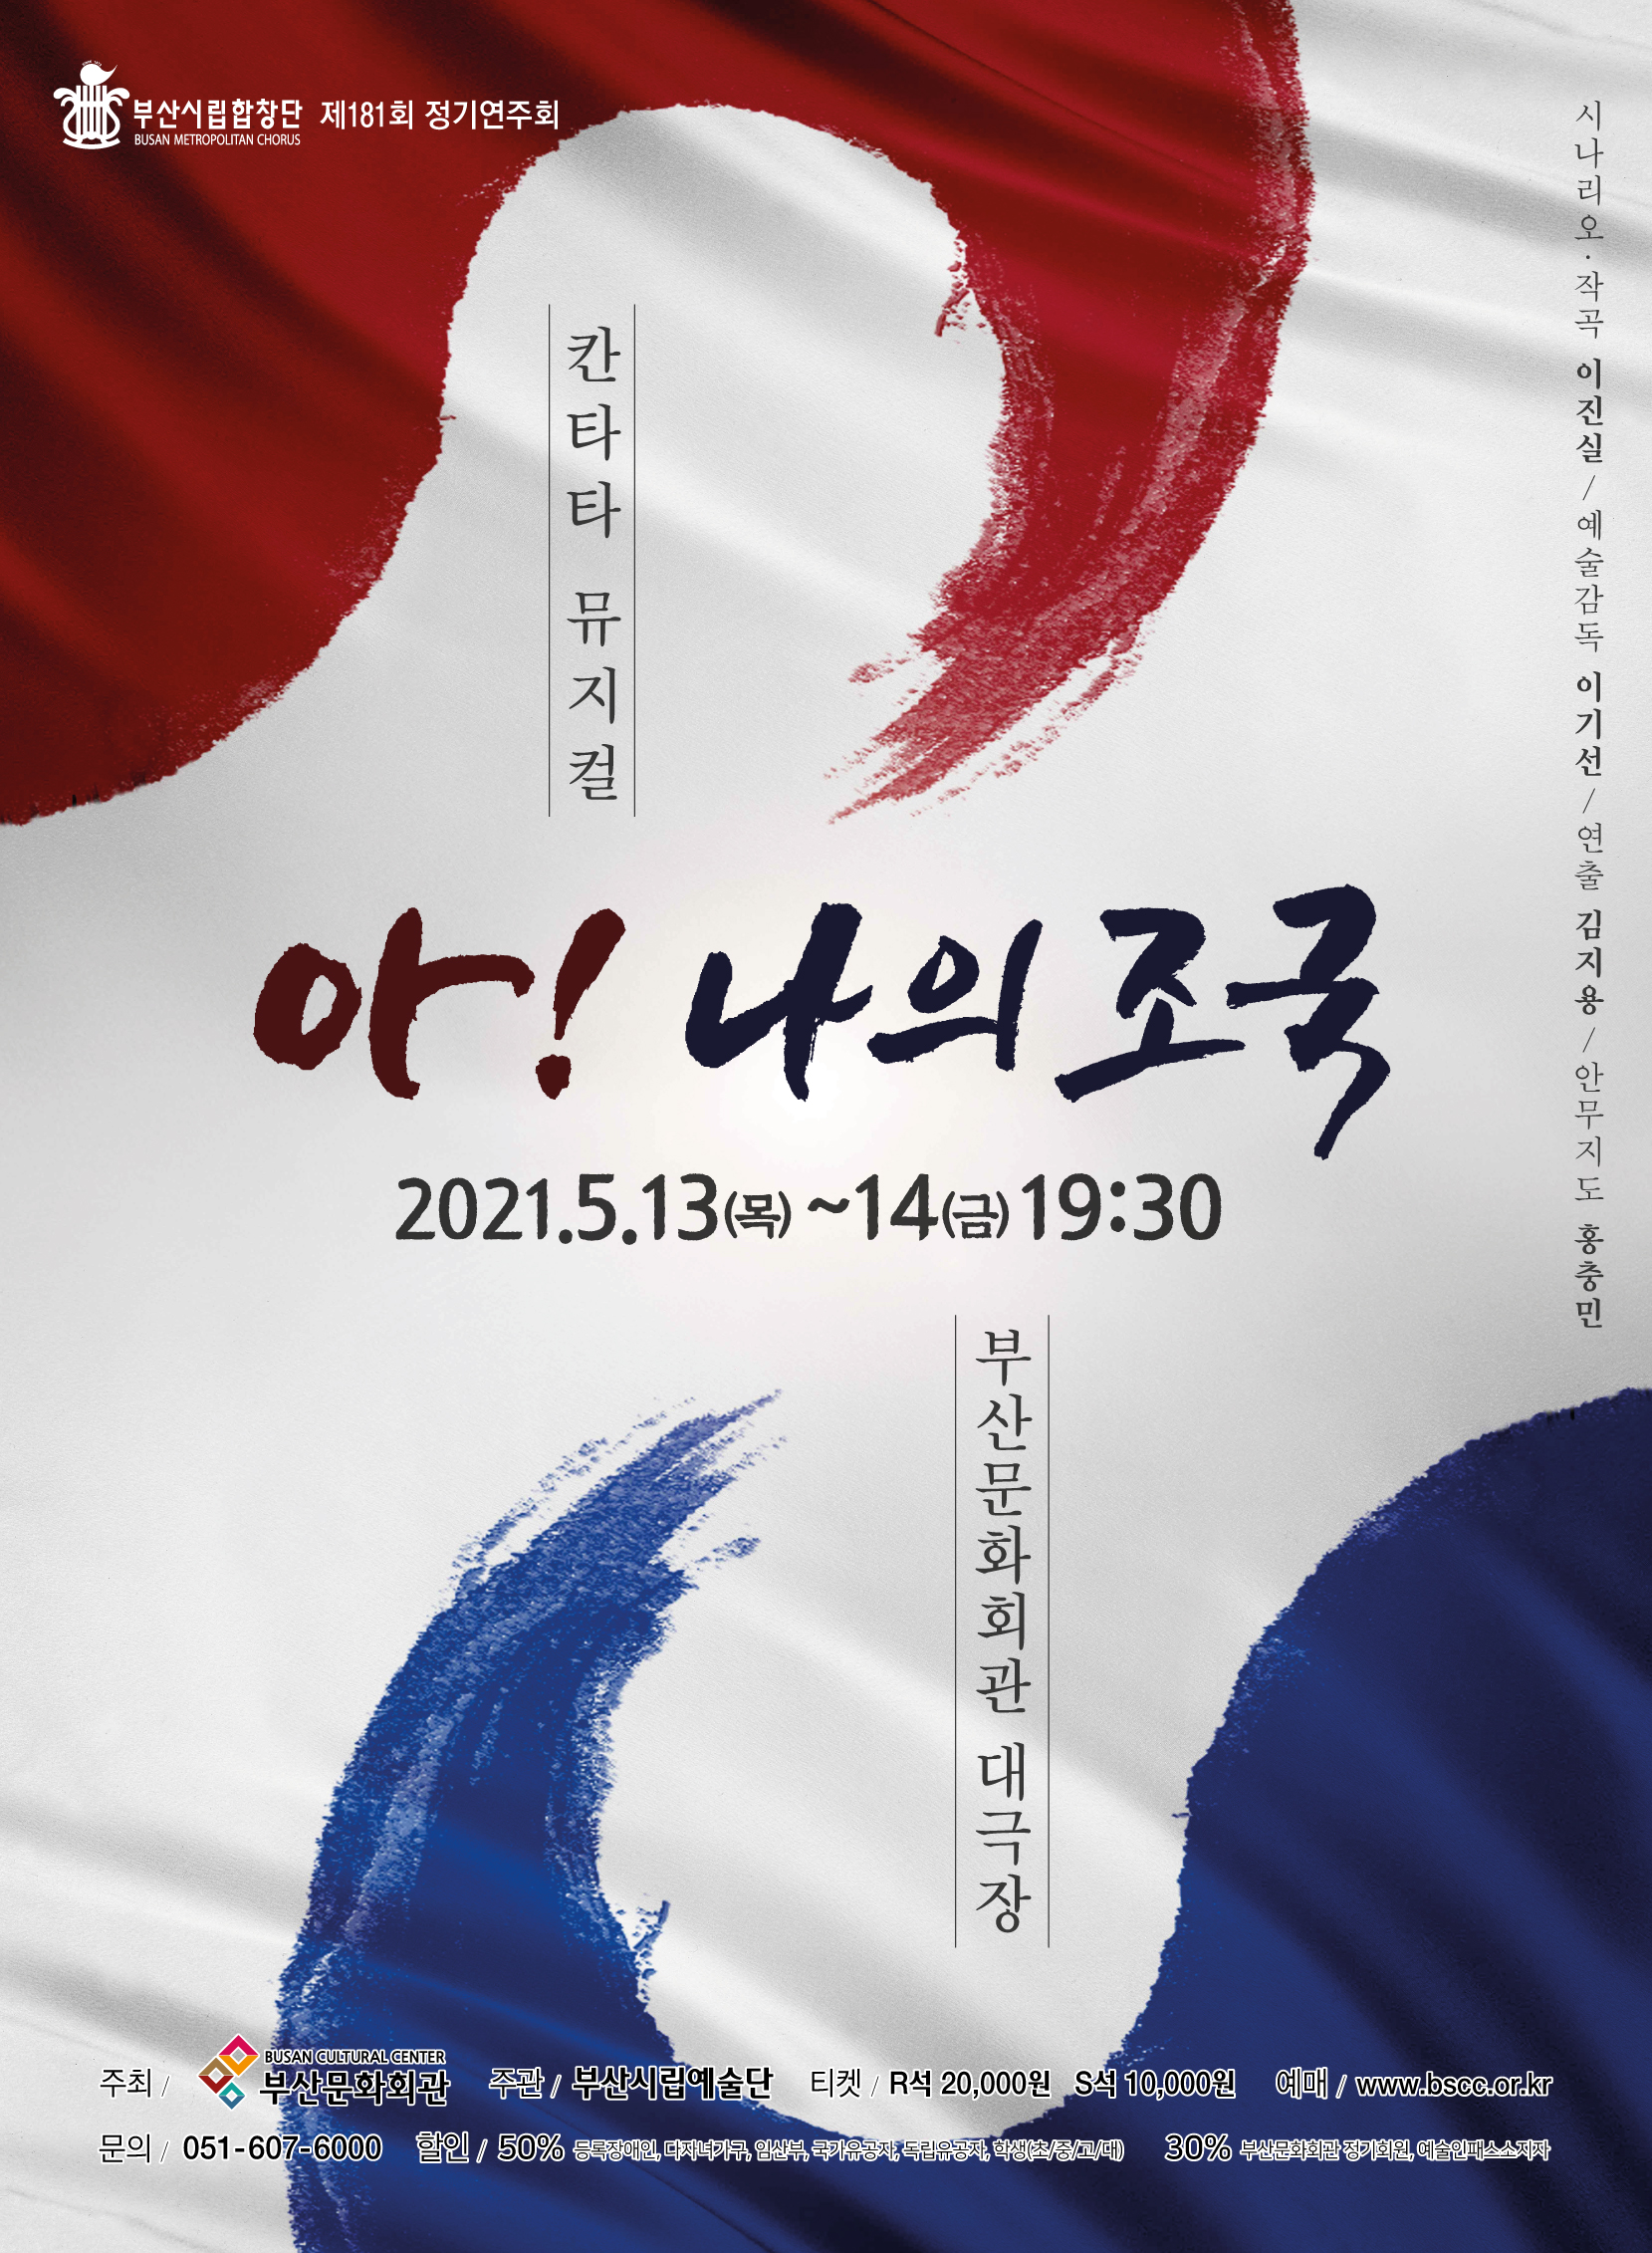 부산시립합창단 제181회 정기연주회 뮤지컬 <아! 나의 조국!>